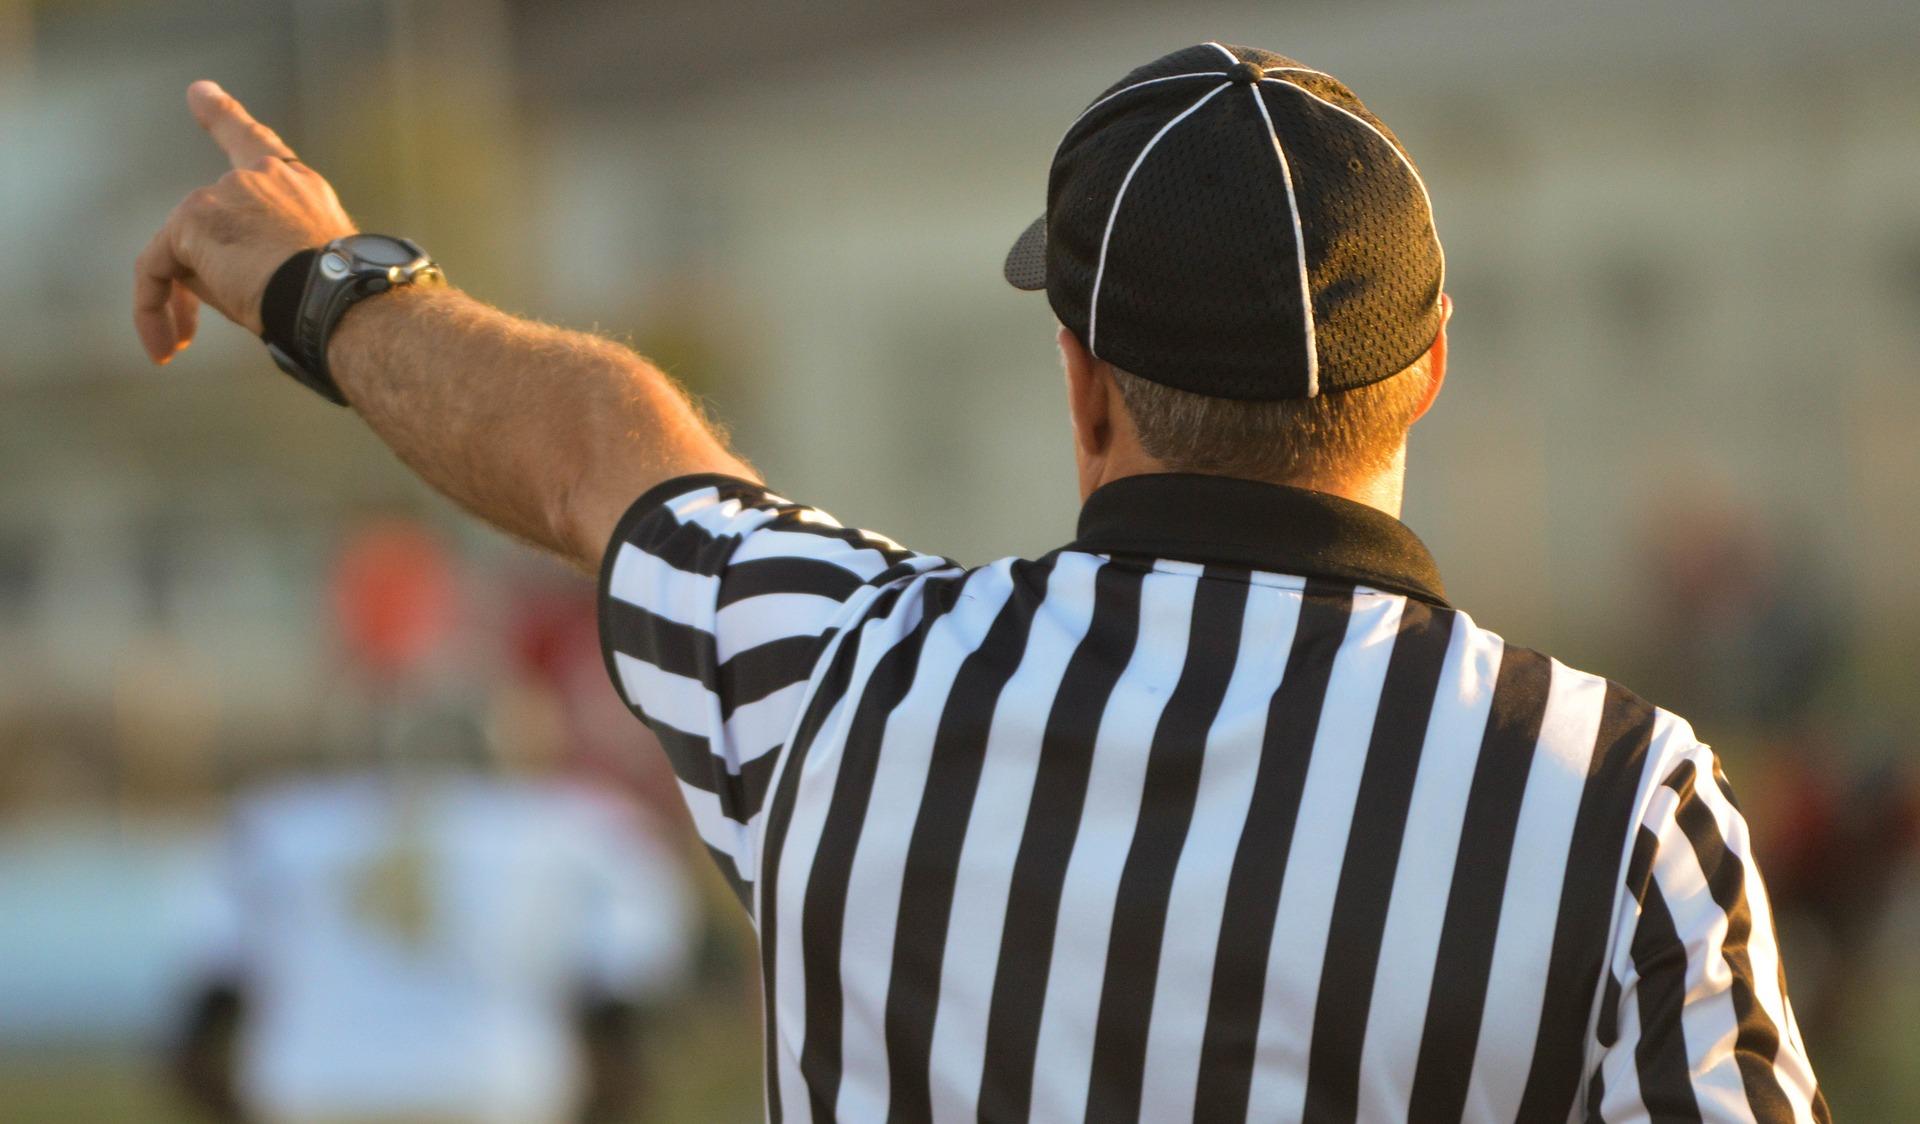 Herren-Referee Fortbildung für neue Regeln zur nächsten Saison